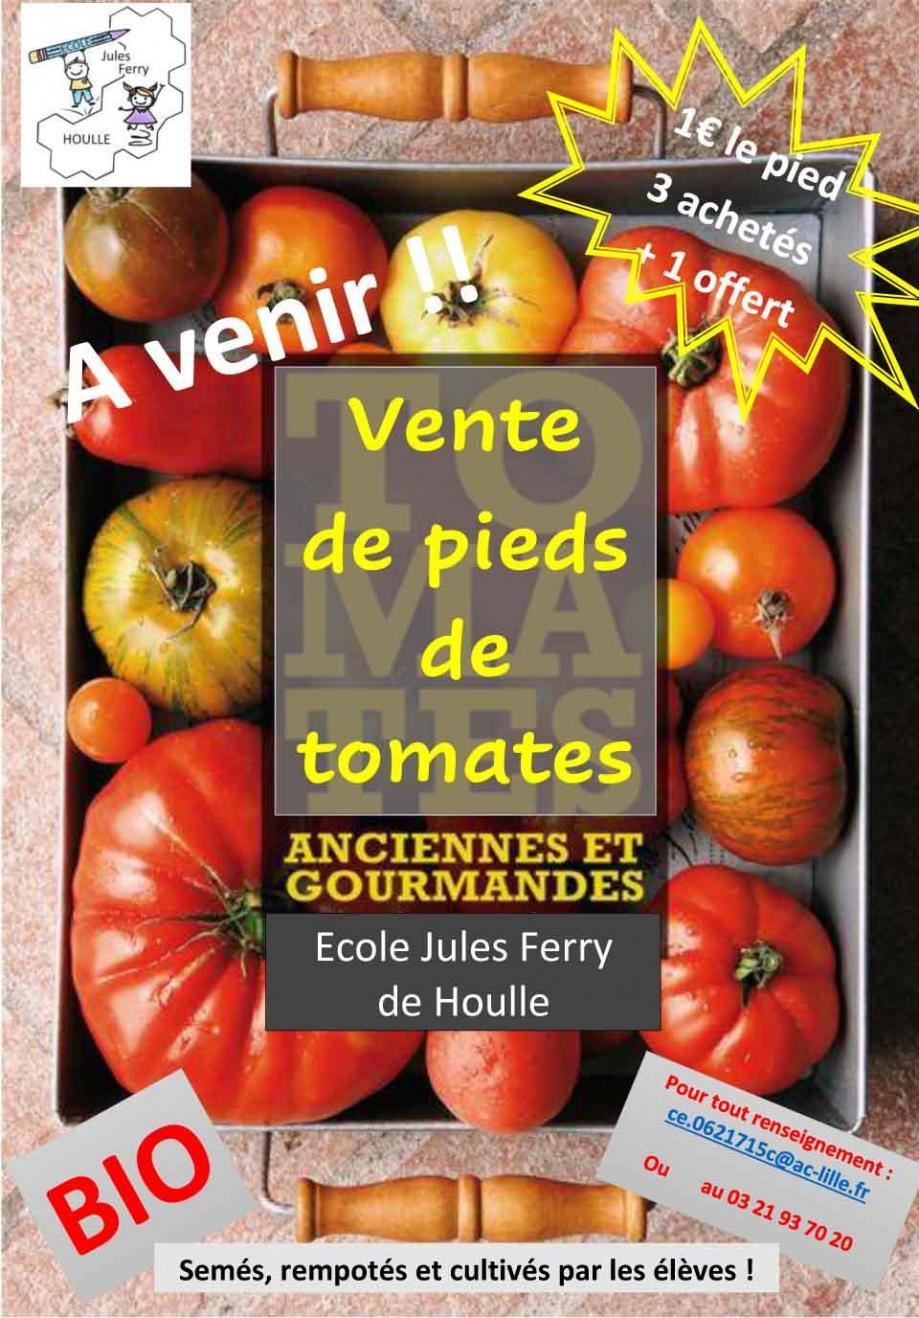 Ecole jules ferry houlle vente de pieds de tomates